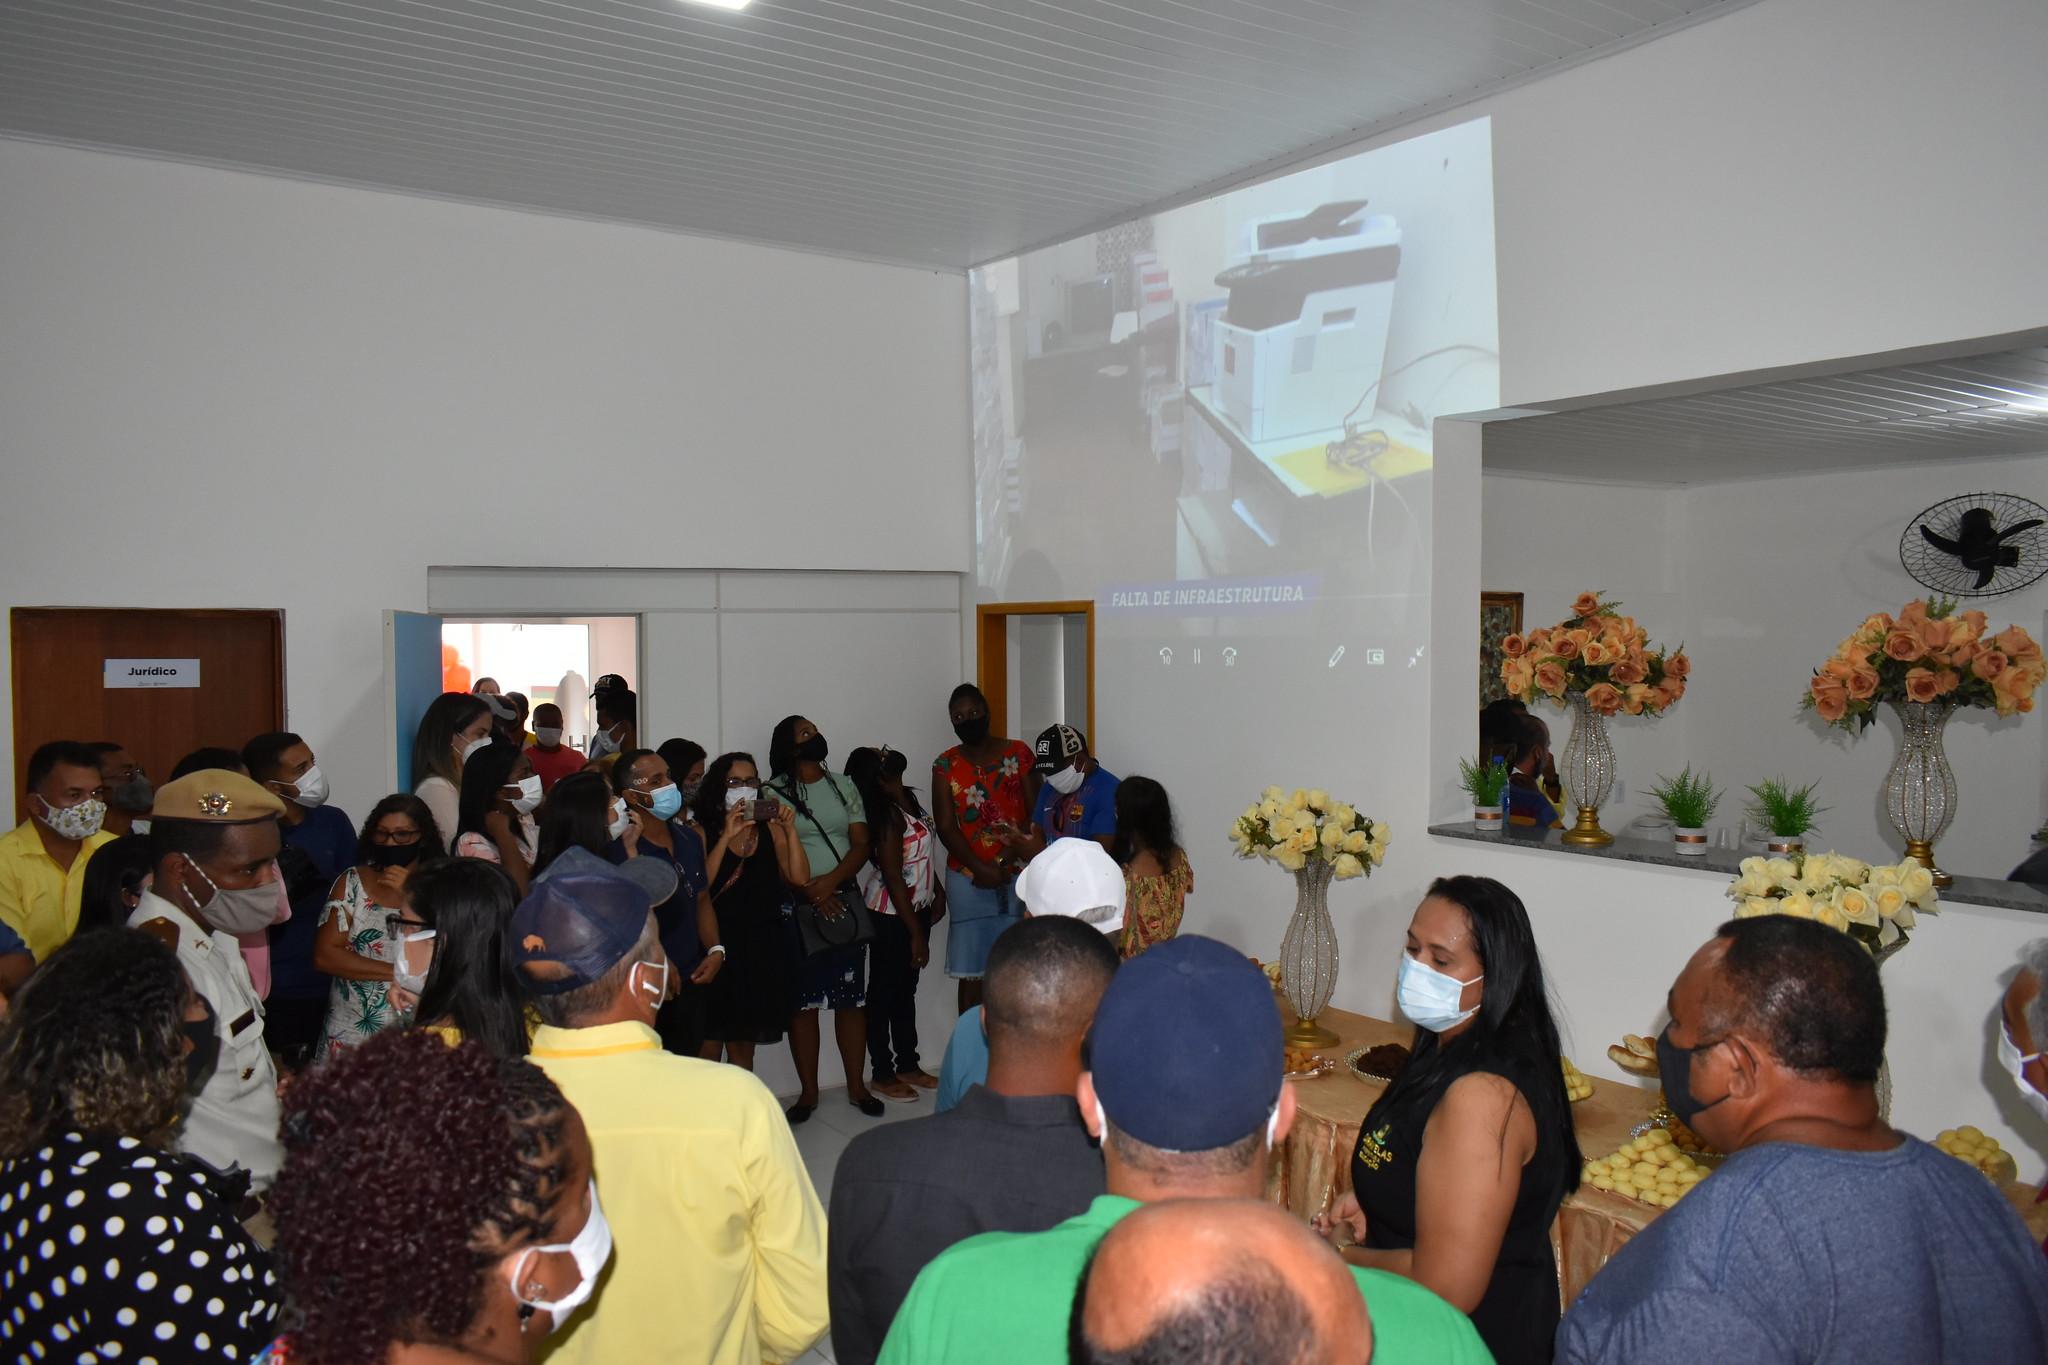 Momento de apresentação do vídeo do antes e depois das obras na Secretaria de Educação de Caravelas (1)